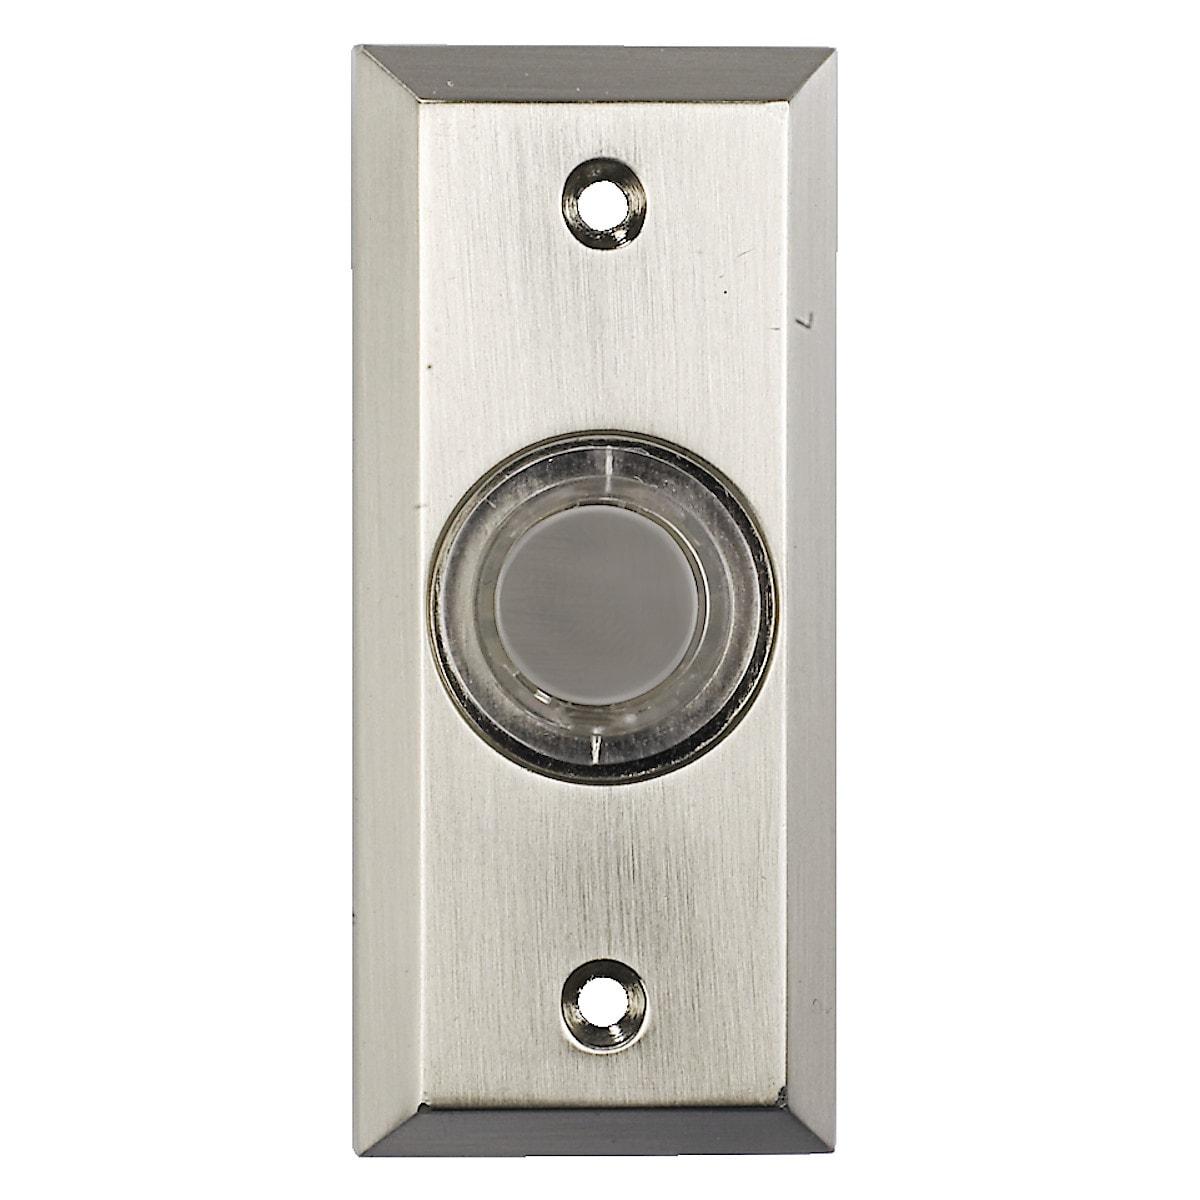 Tryckknapp för dörrklockor